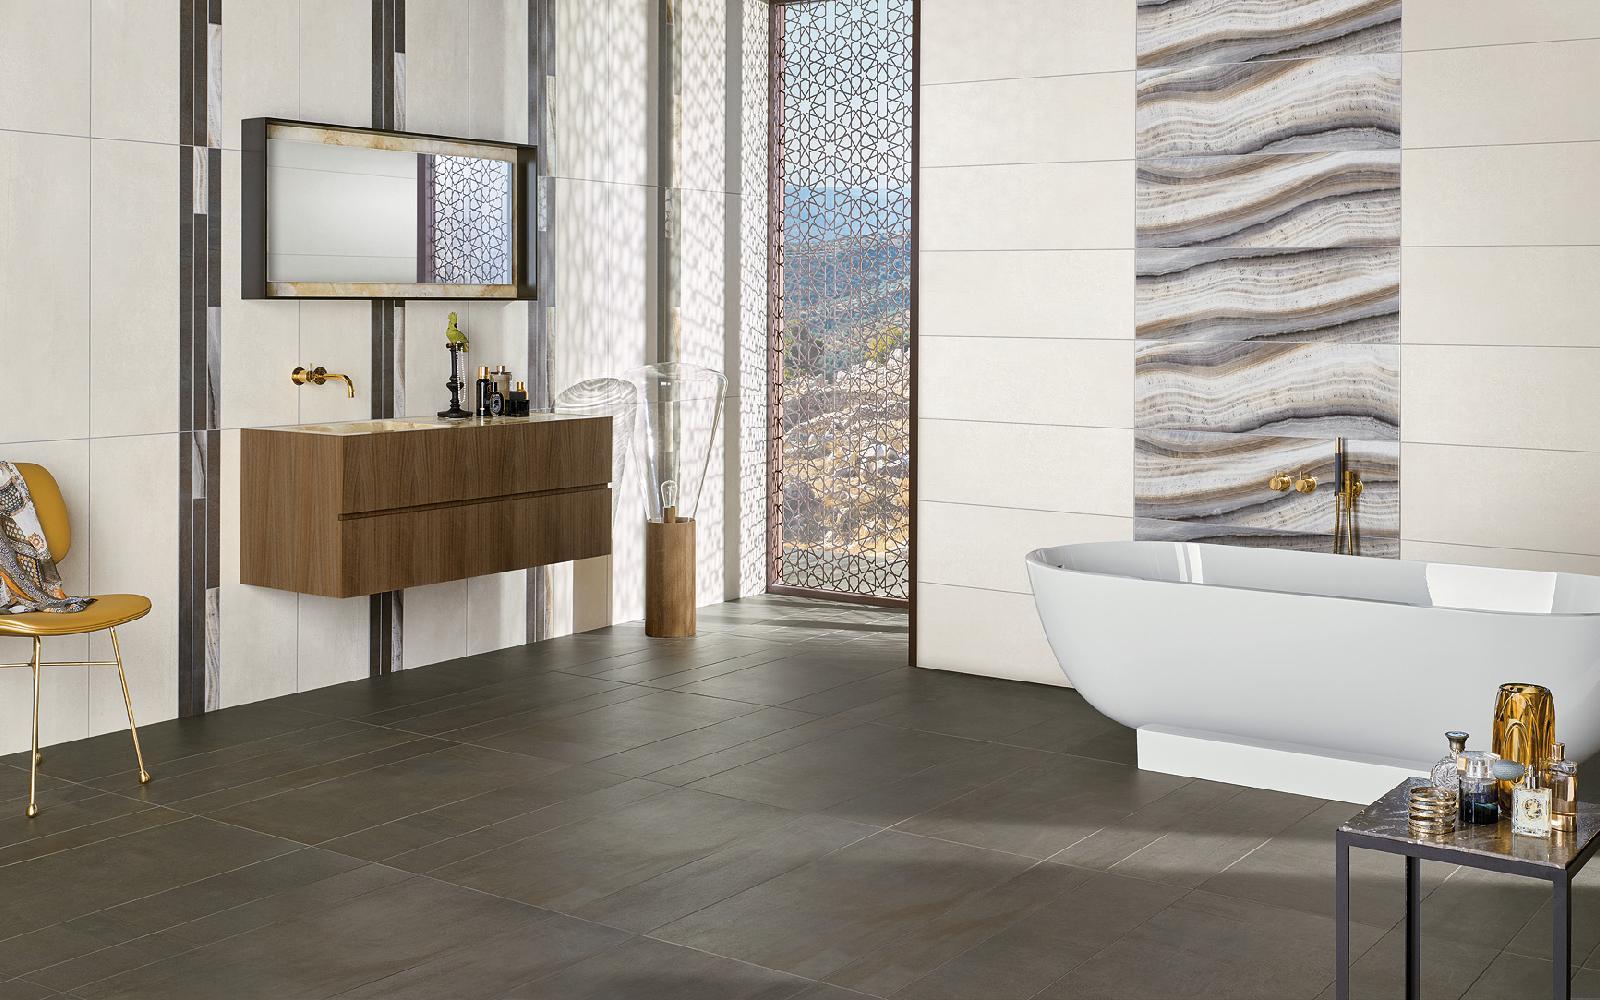 Hochwertig Badezimmer Mit Highlights Aus Marmorierten Fliesen